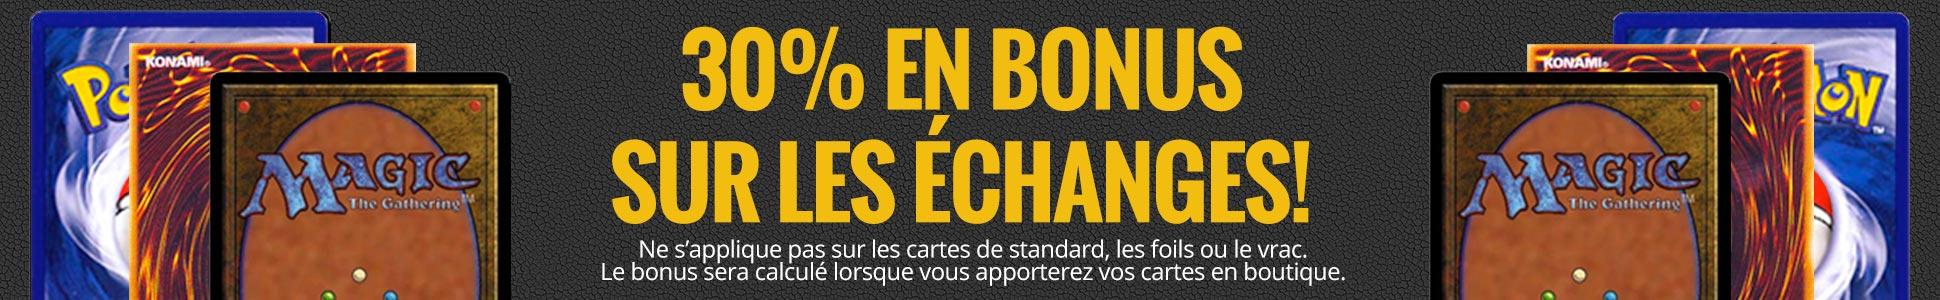 30% en bonus sur échanges